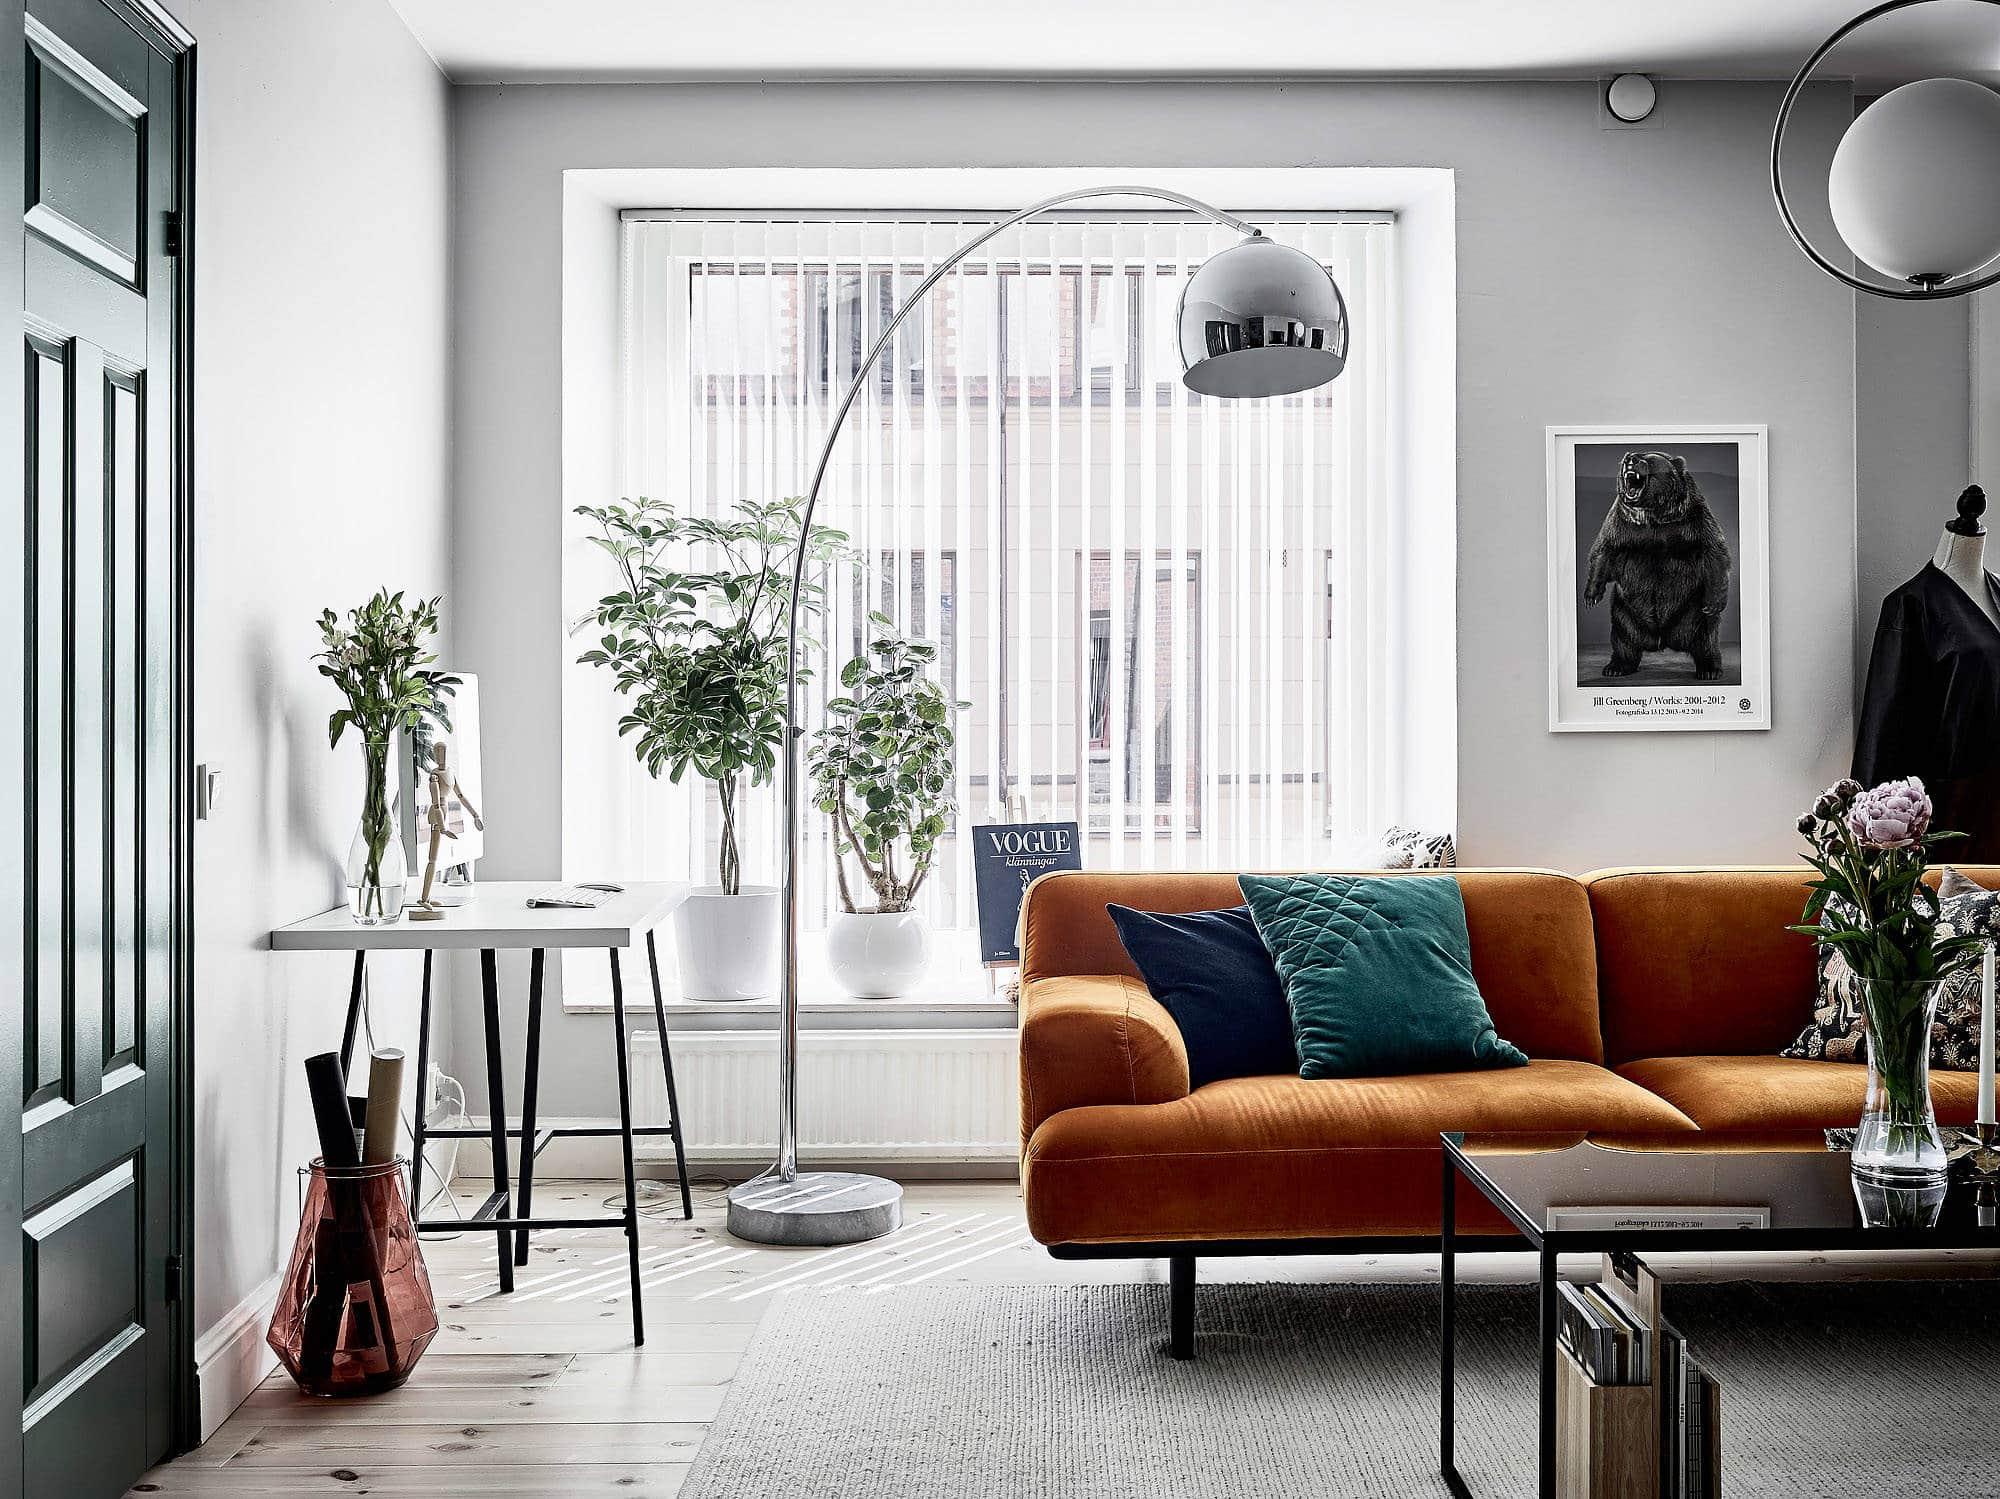 Coco lapine design coco lapine design - Decorar pared sofa ...